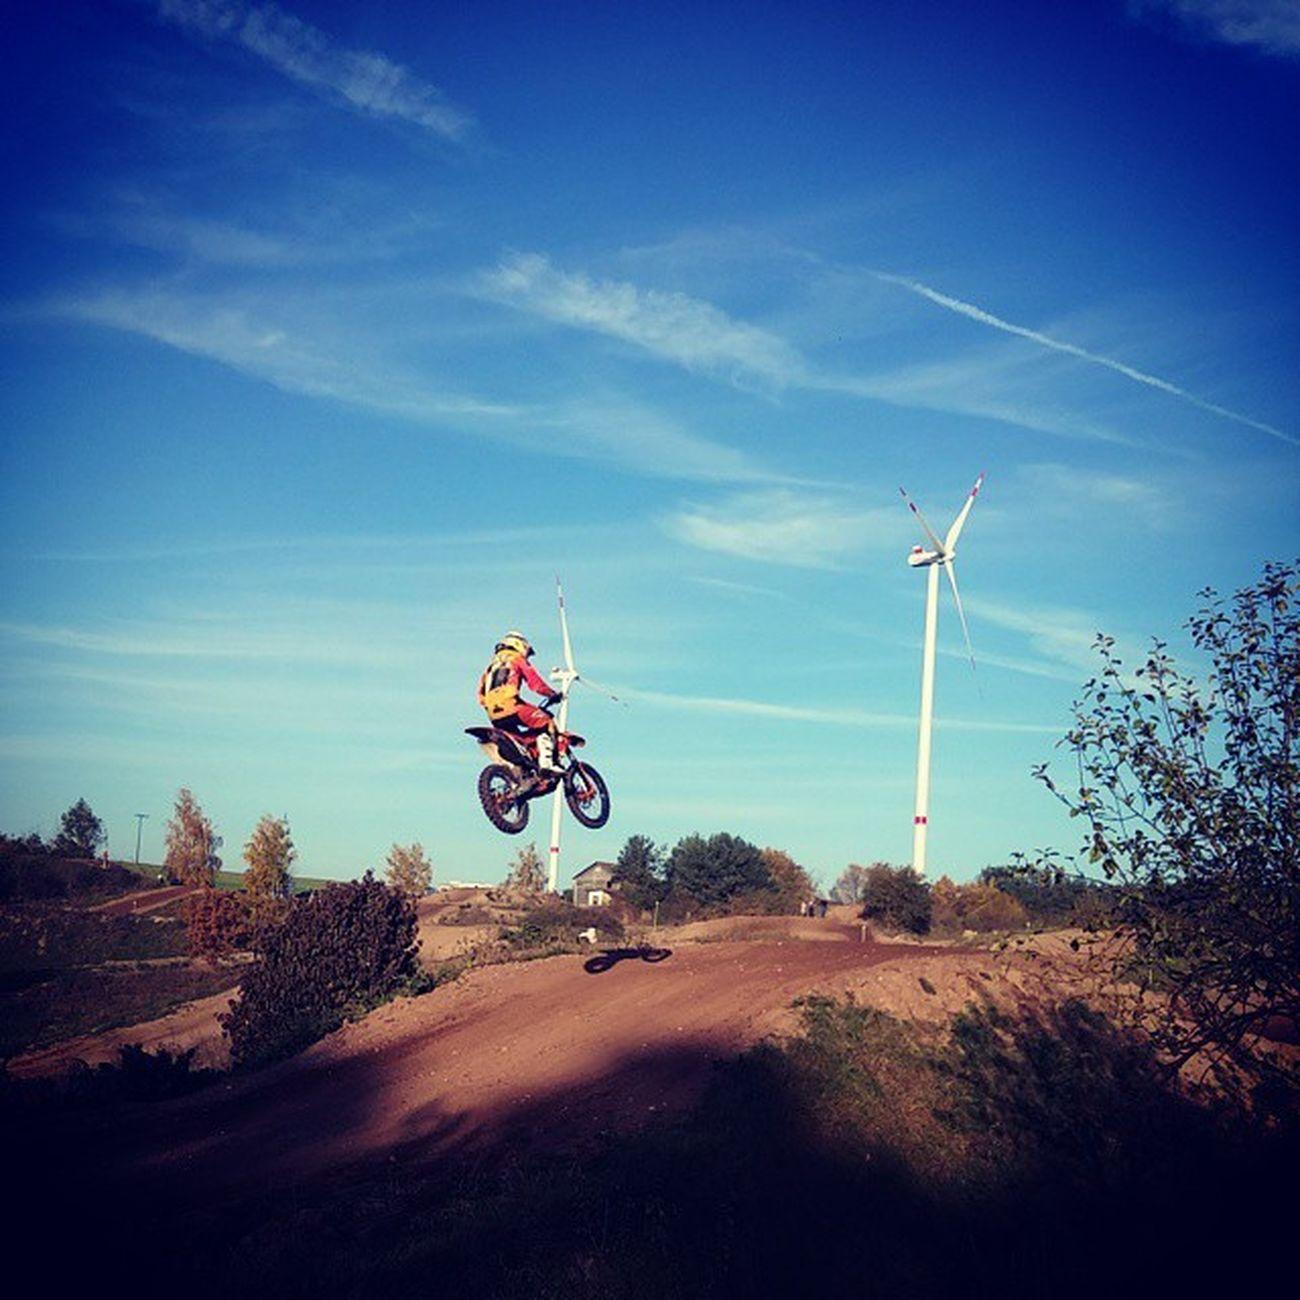 Motocross Mühlhausen Madness Dirt foxracing affenzahnhabendiejungsdrauf